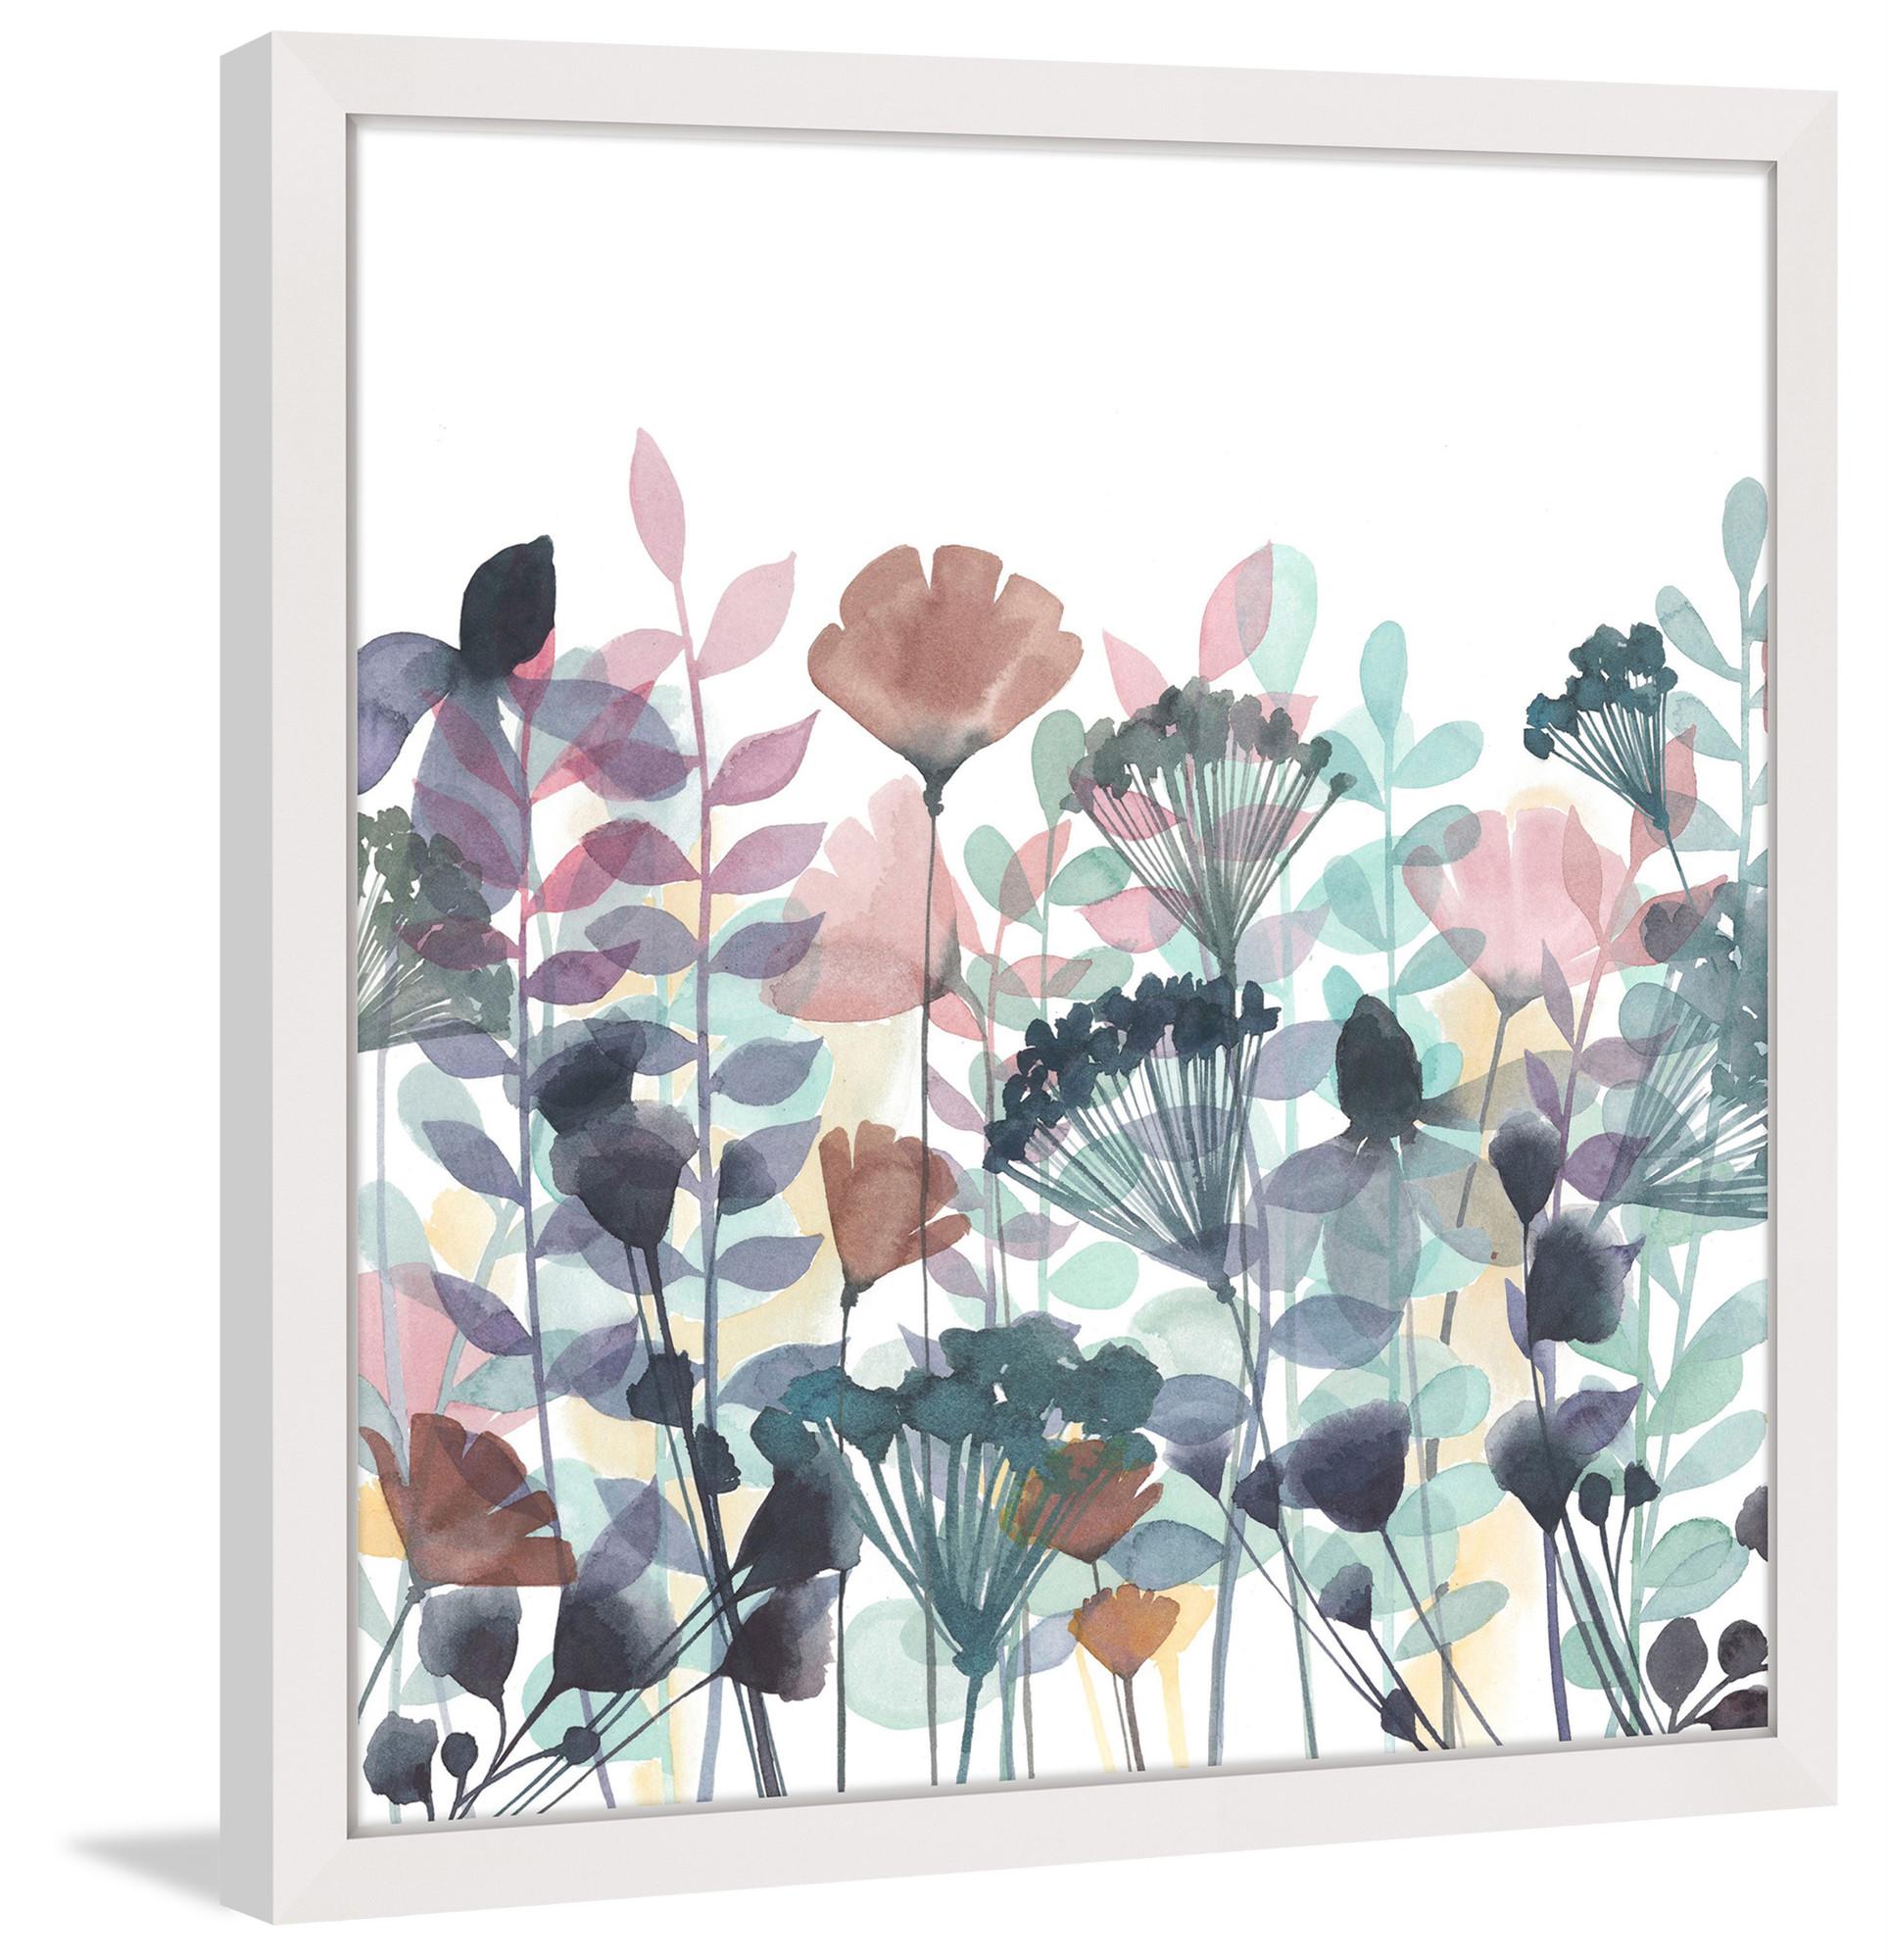 Tranh in canvas trừu tượng sắc hoa có khung viền nhẹ nhàng, sang chảnh